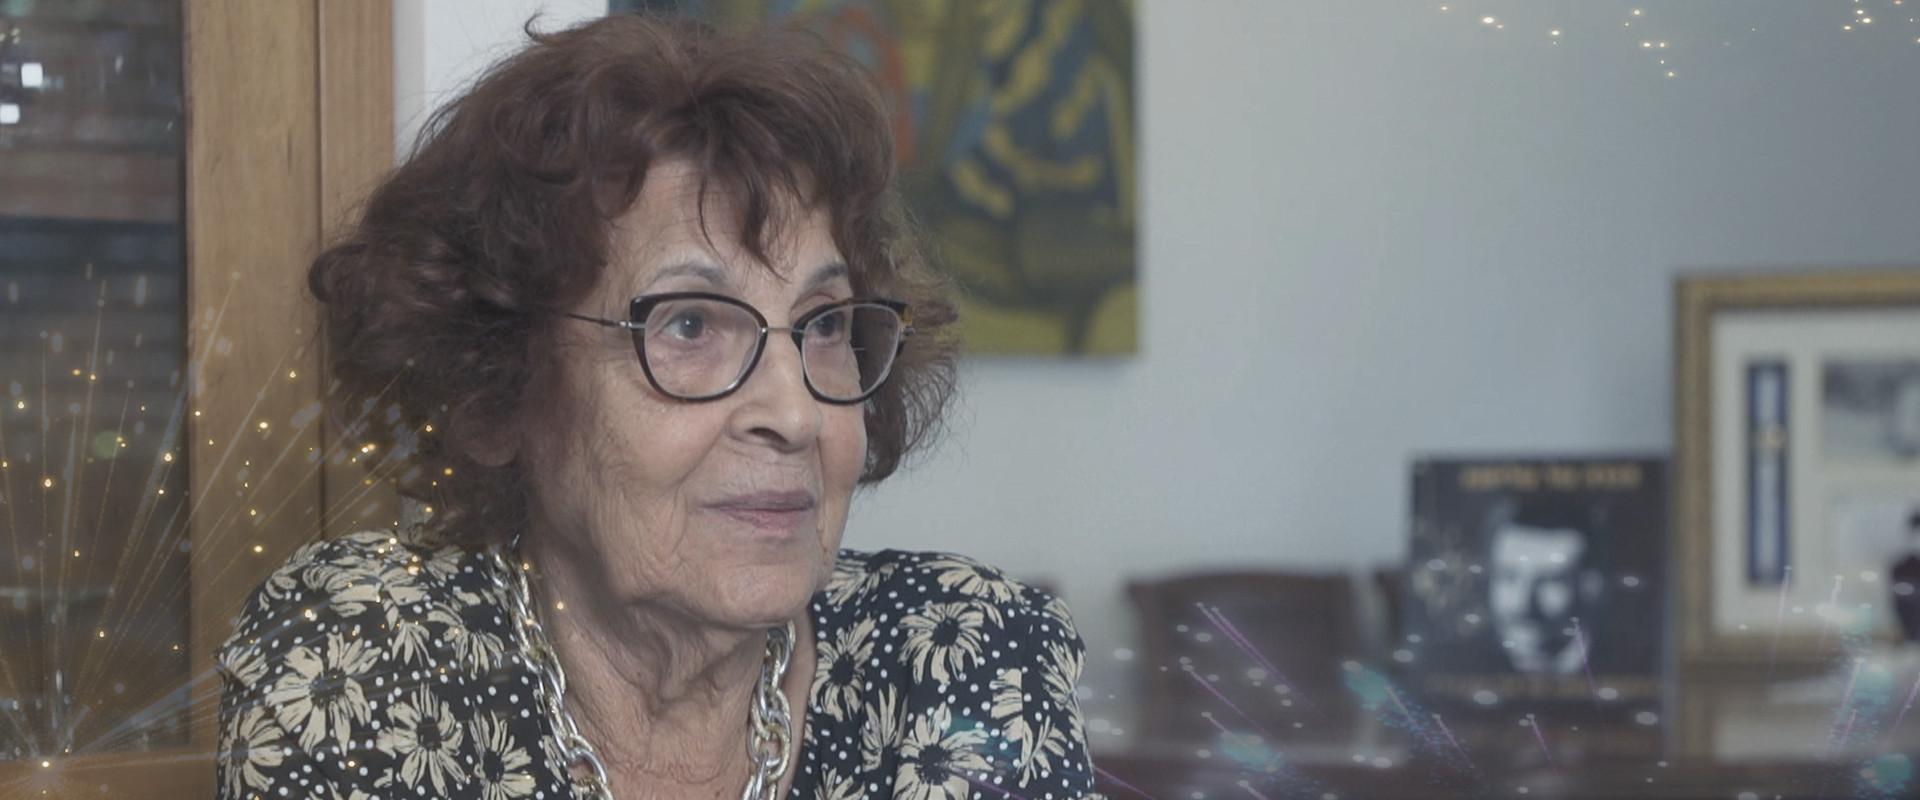 נדיה כהן, אשתו של אלי כהן ז